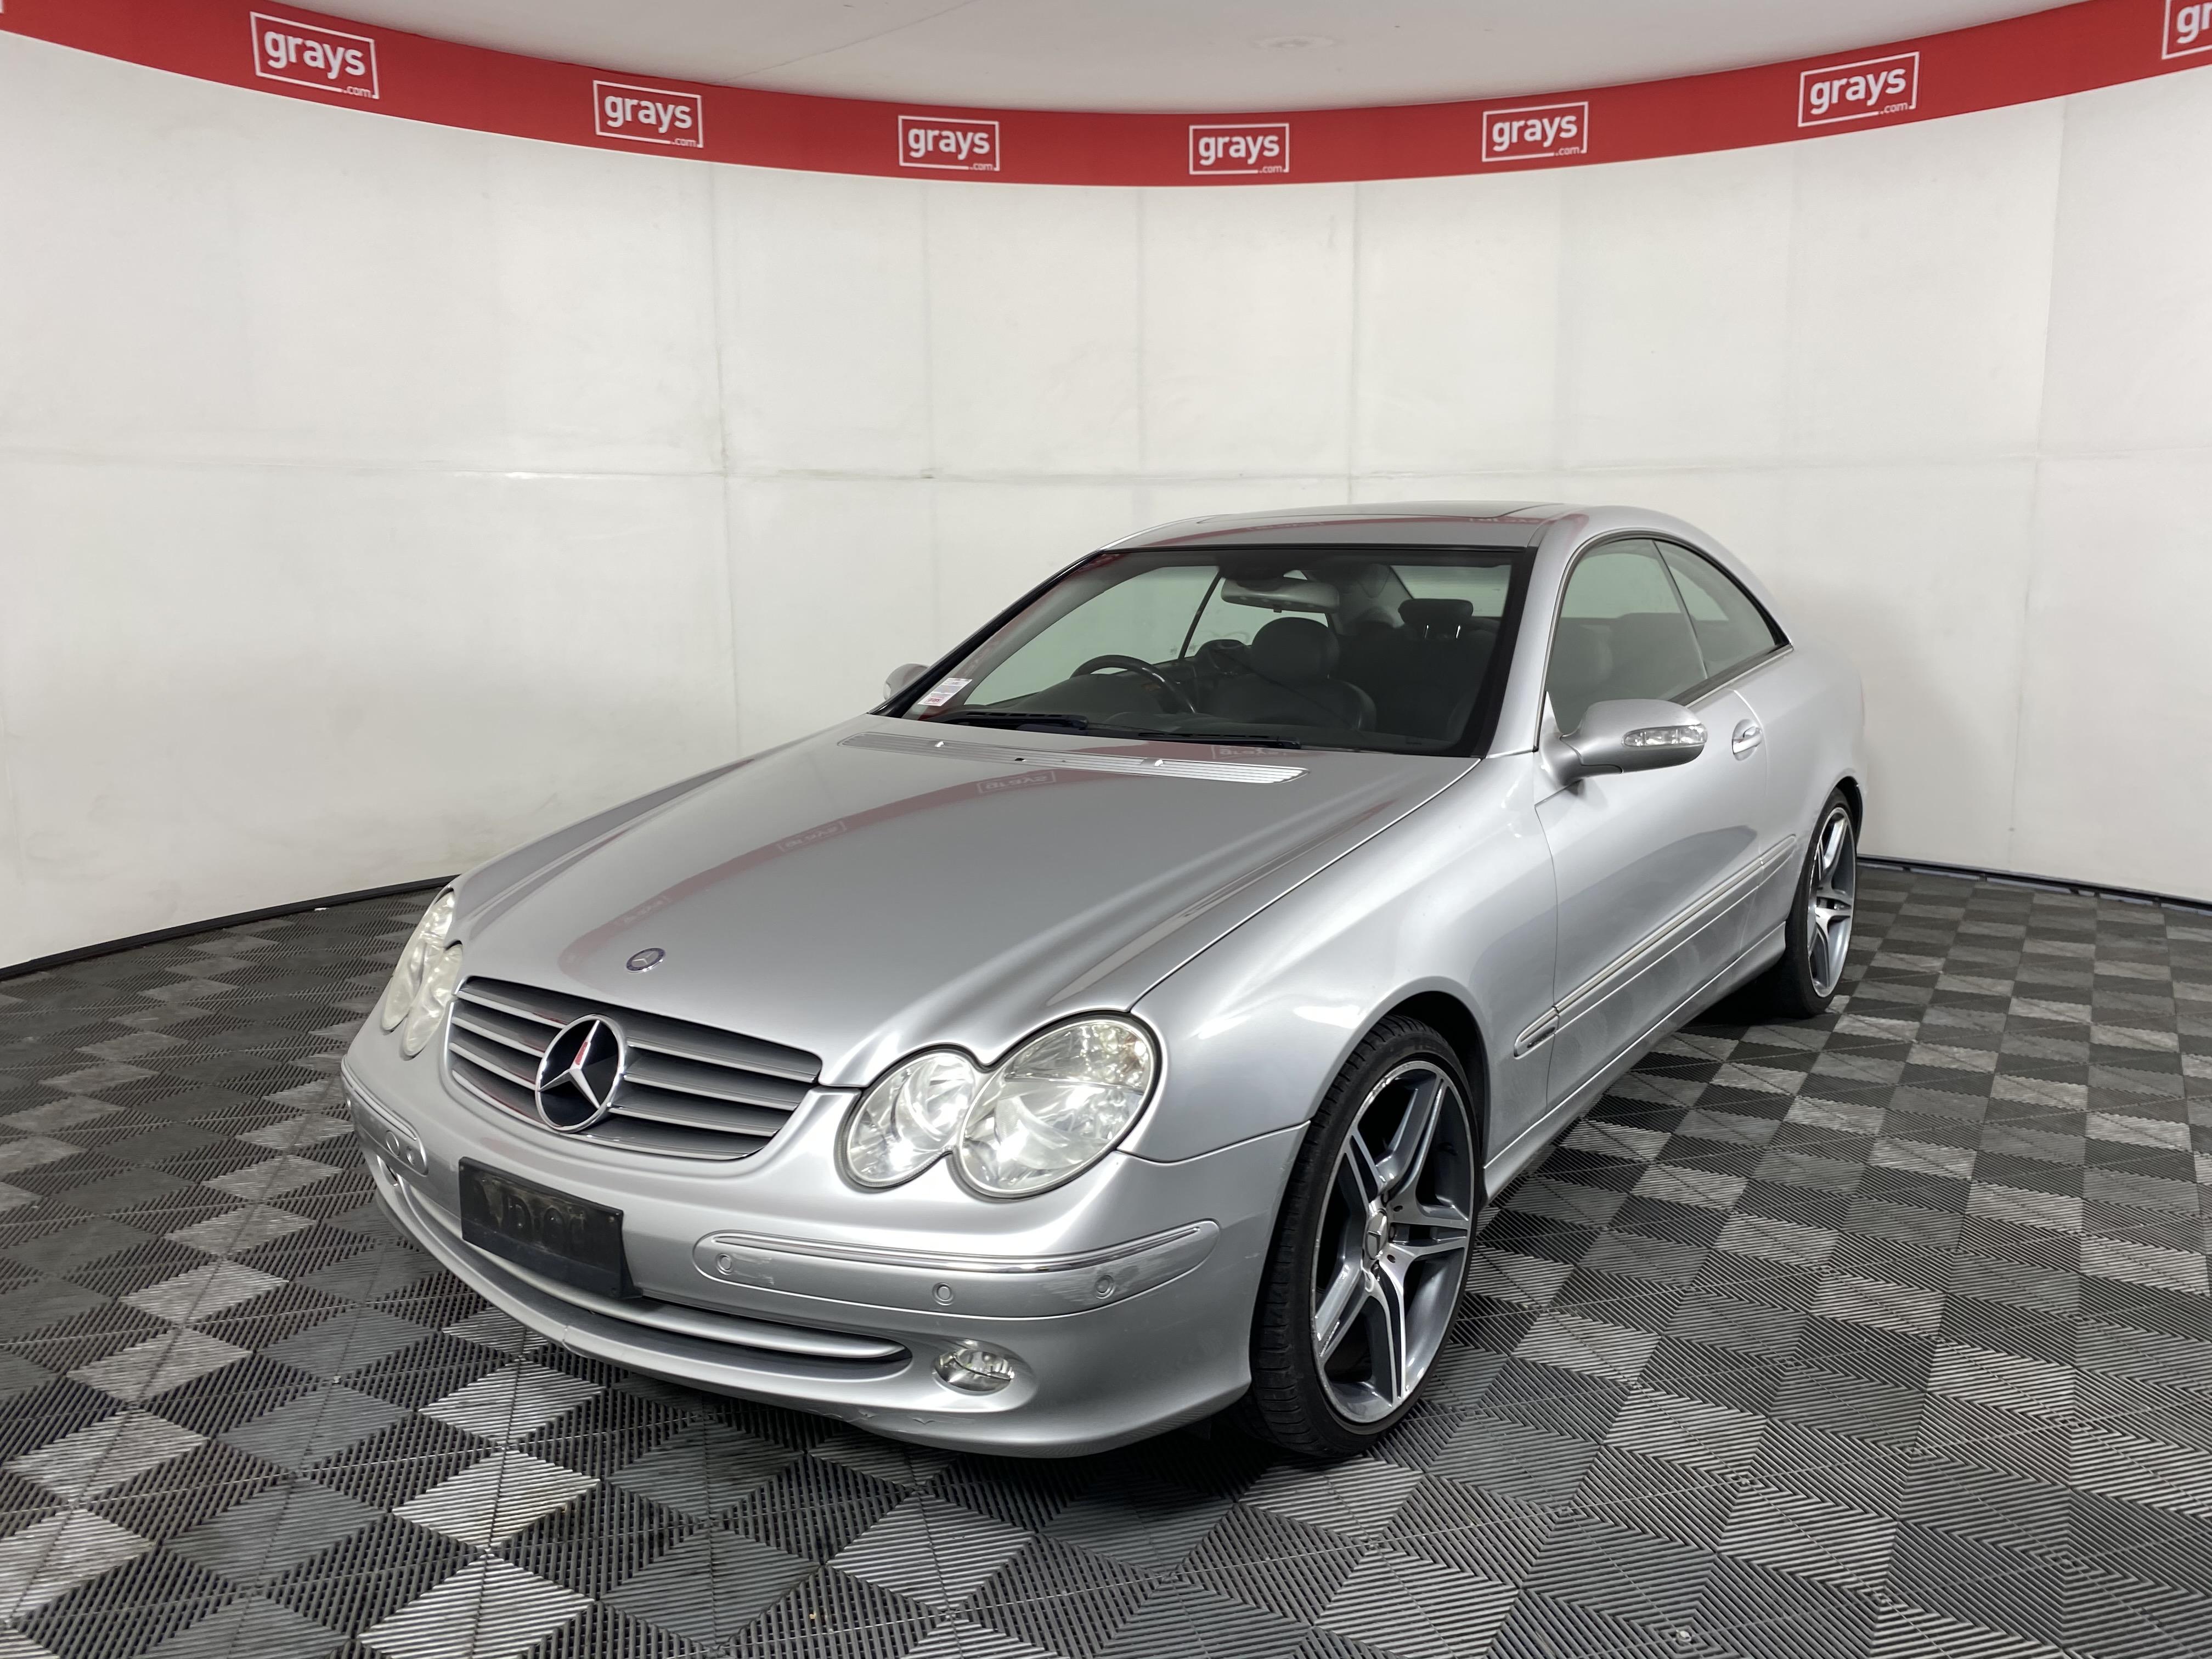 2004 (2005) Mercedes Benz CLK320 Avantgarde C209 Auto Coupe 117,624km